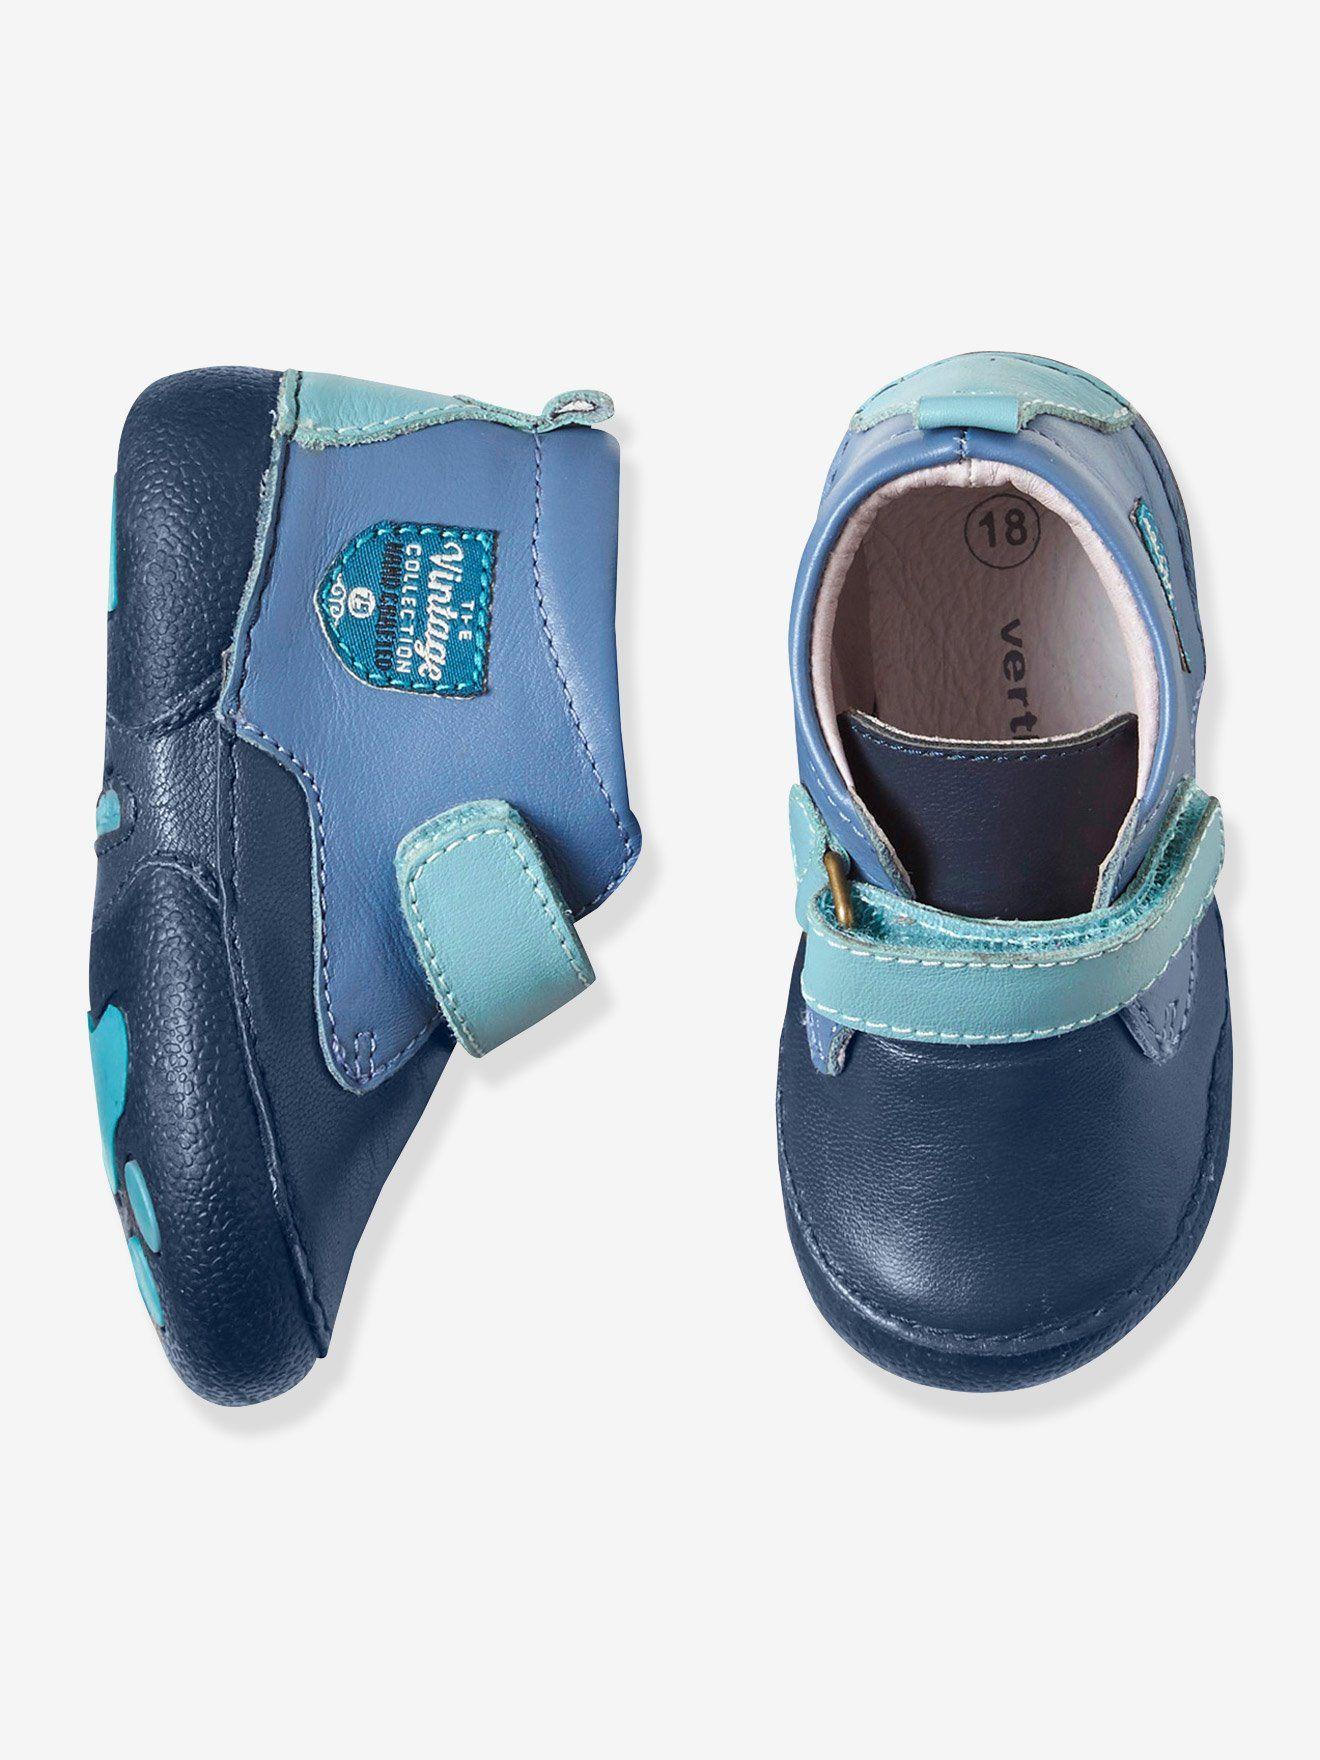 0f0589b2df362 Chaussures bébé spécial 4 pattes garçon en cuir bleu foncé - Idéale comme  chaussure ou chausson